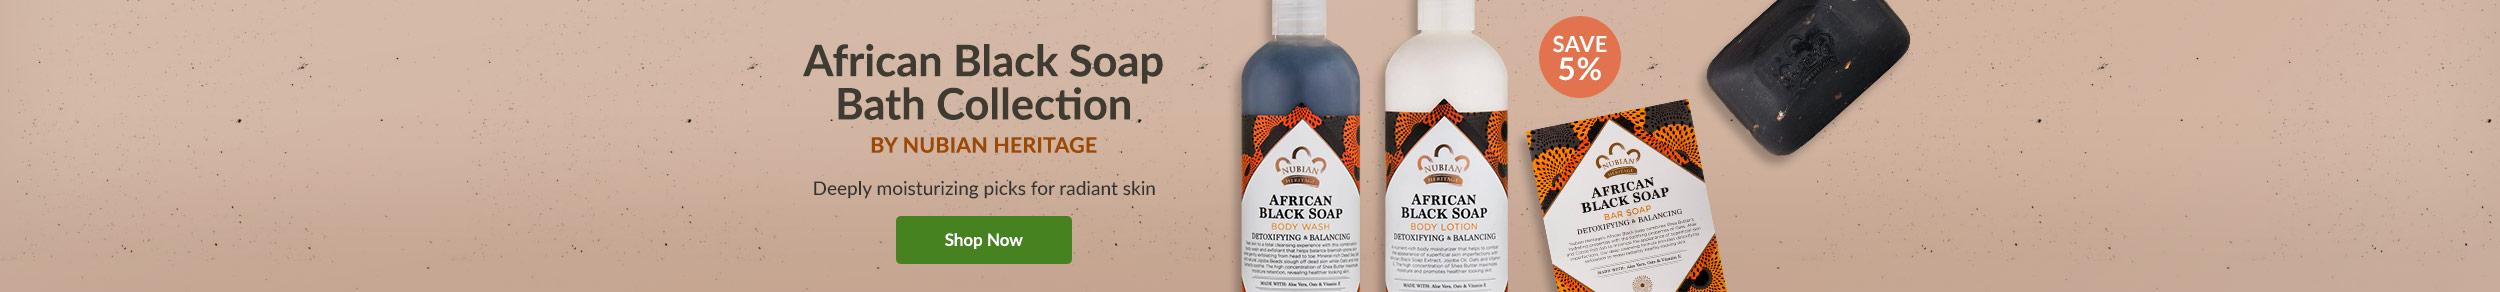 https://i3.pureformulas.net/images/static/African-Black-Soap-Bath-Collection_slide3_061918.jpg